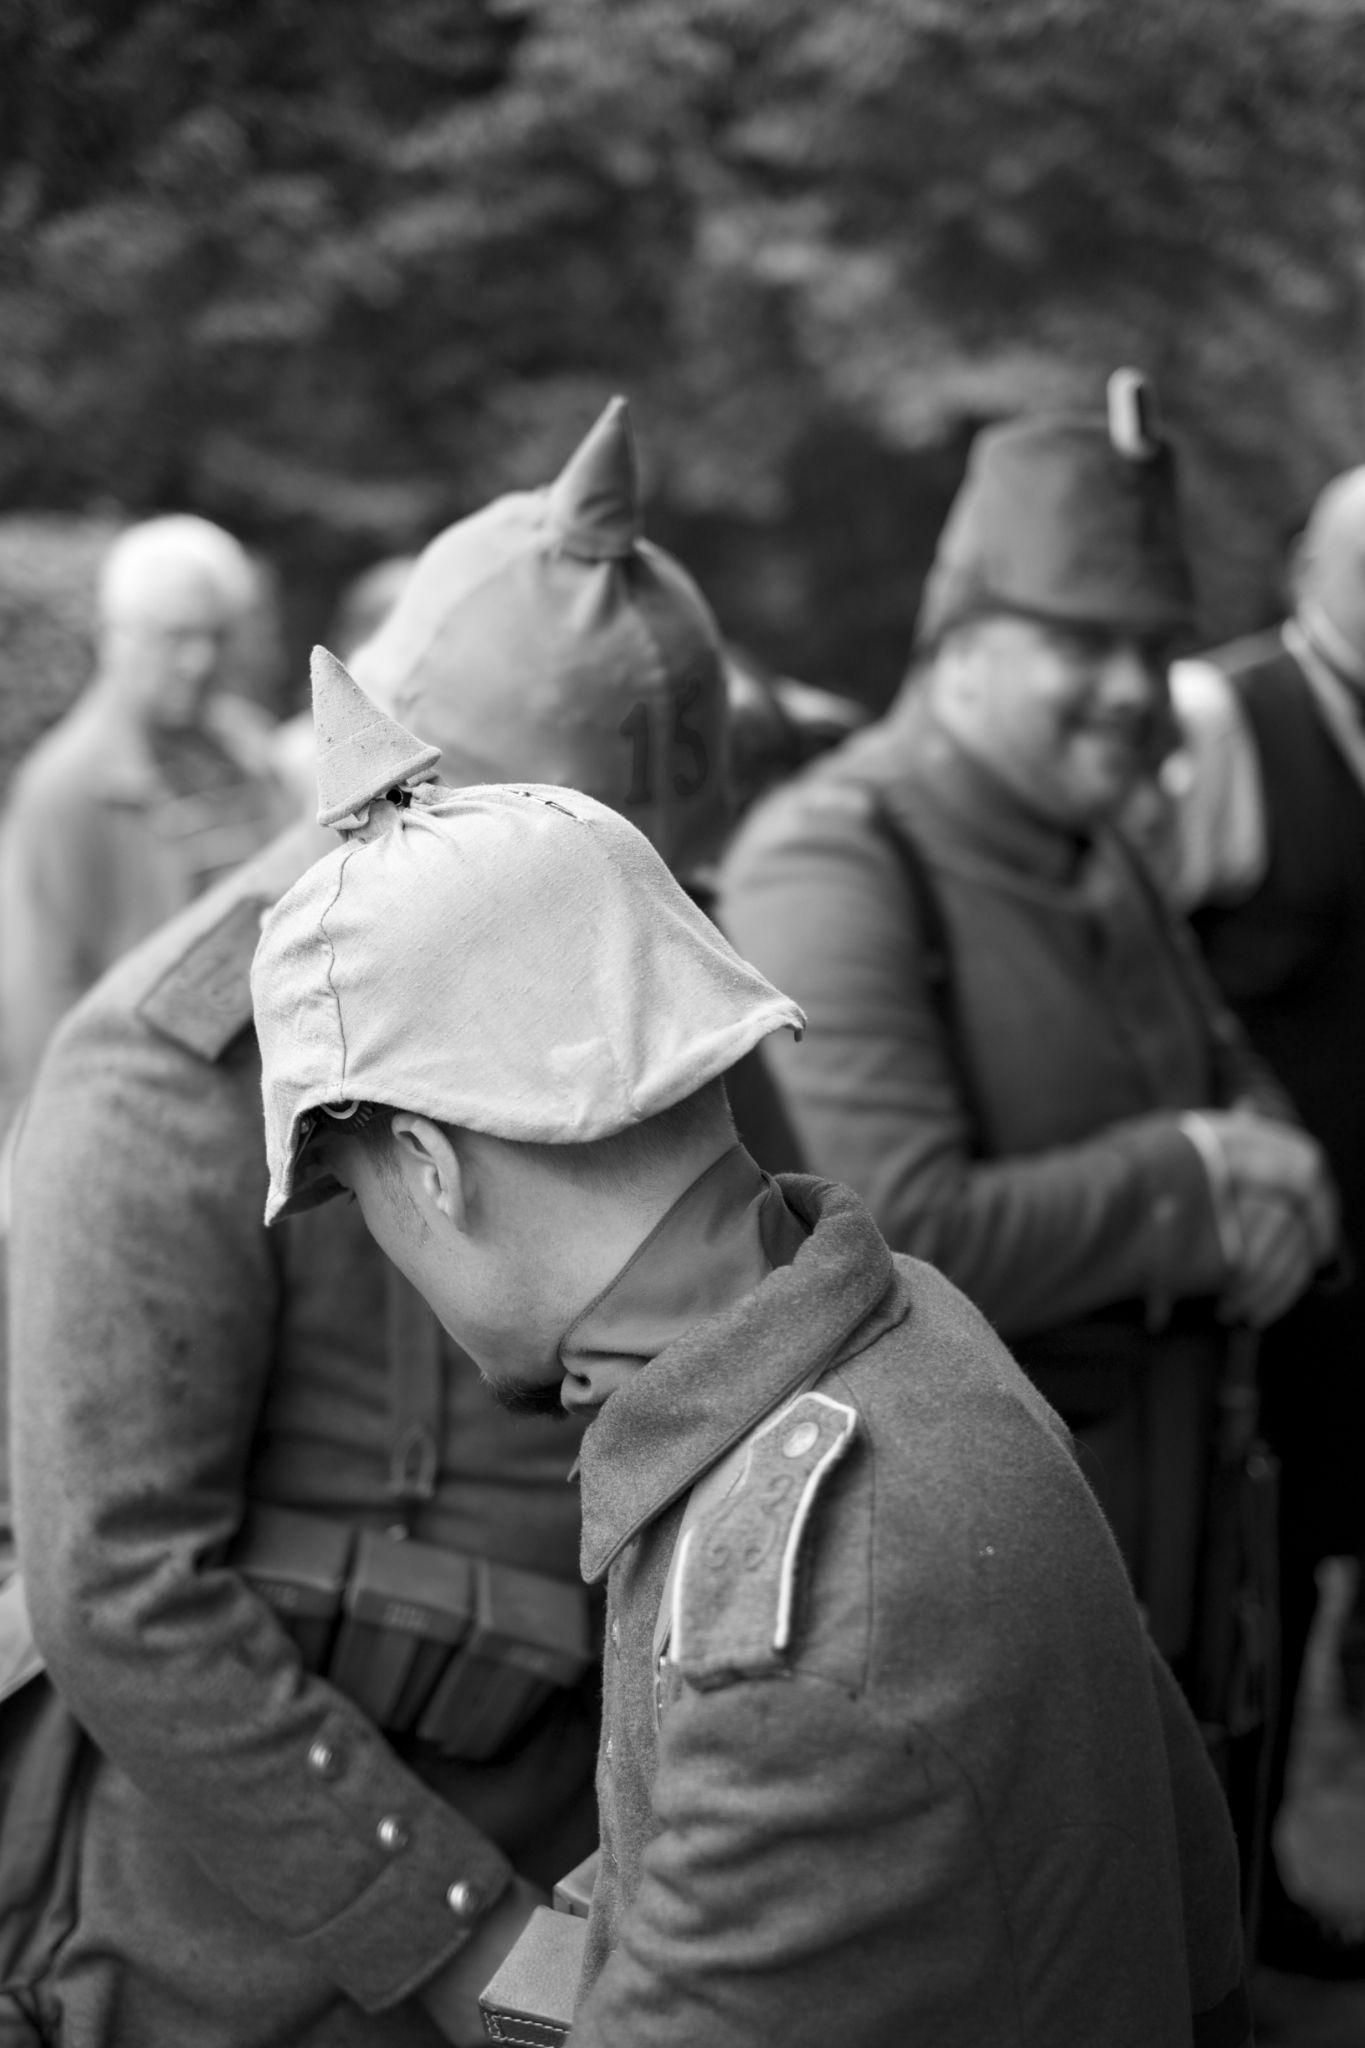 Soldiers by peterkryzun